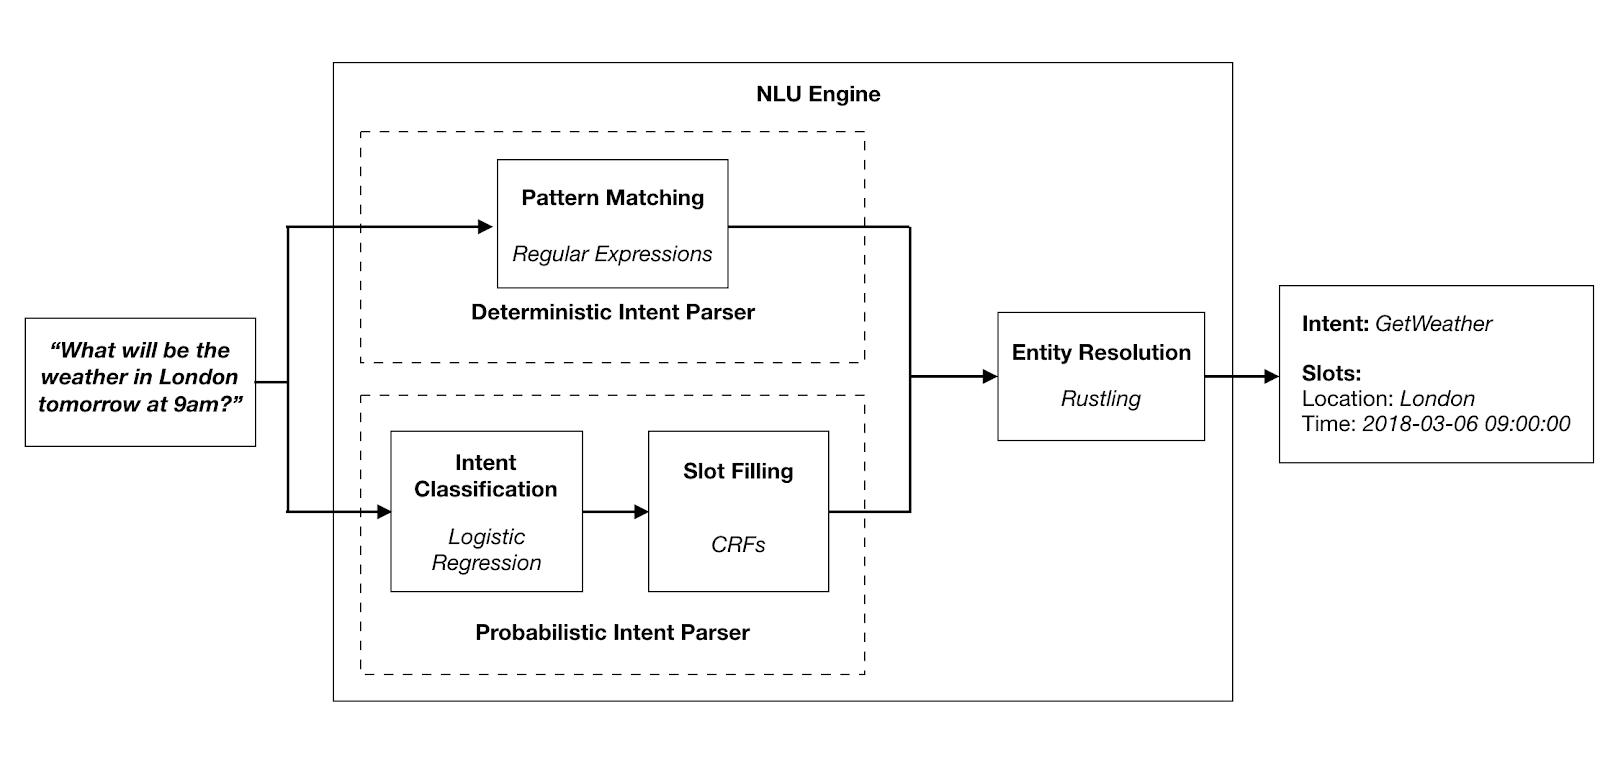 自然语言解析引擎 Snips NLU